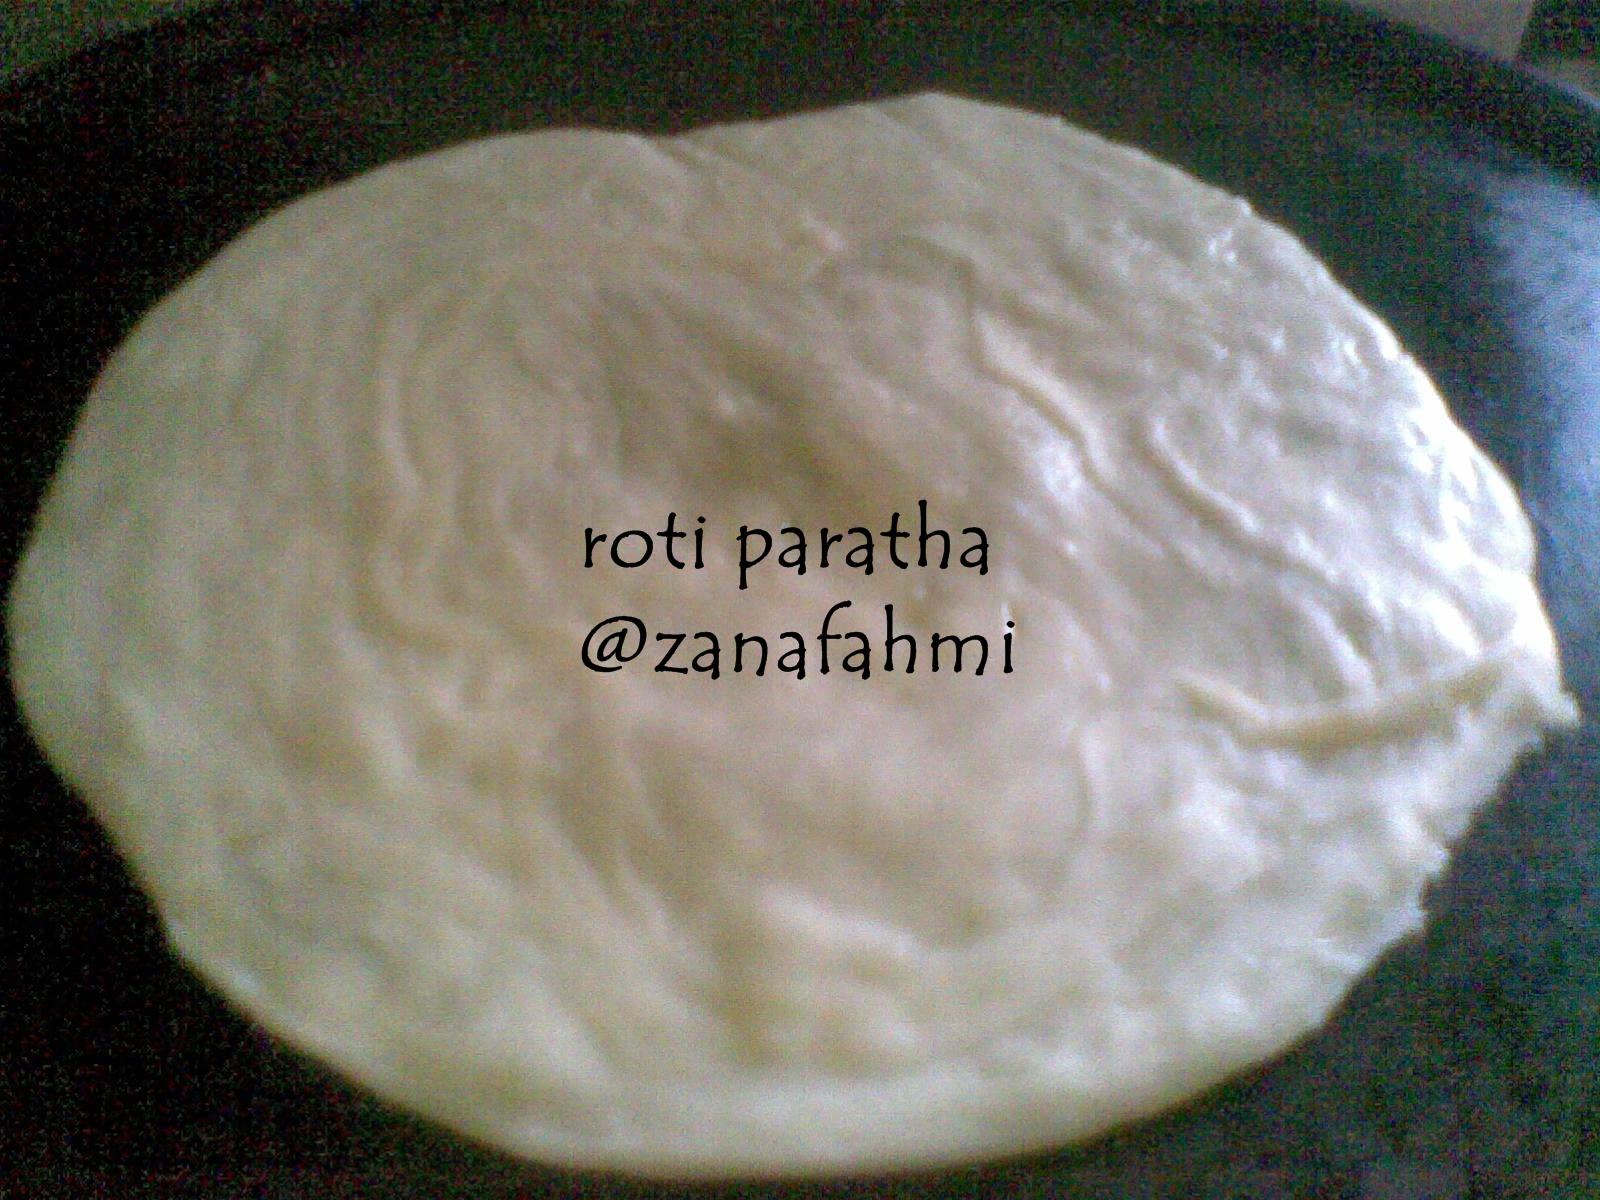 Roti Paratha Kawan Roti Paratha Jenama Kawan